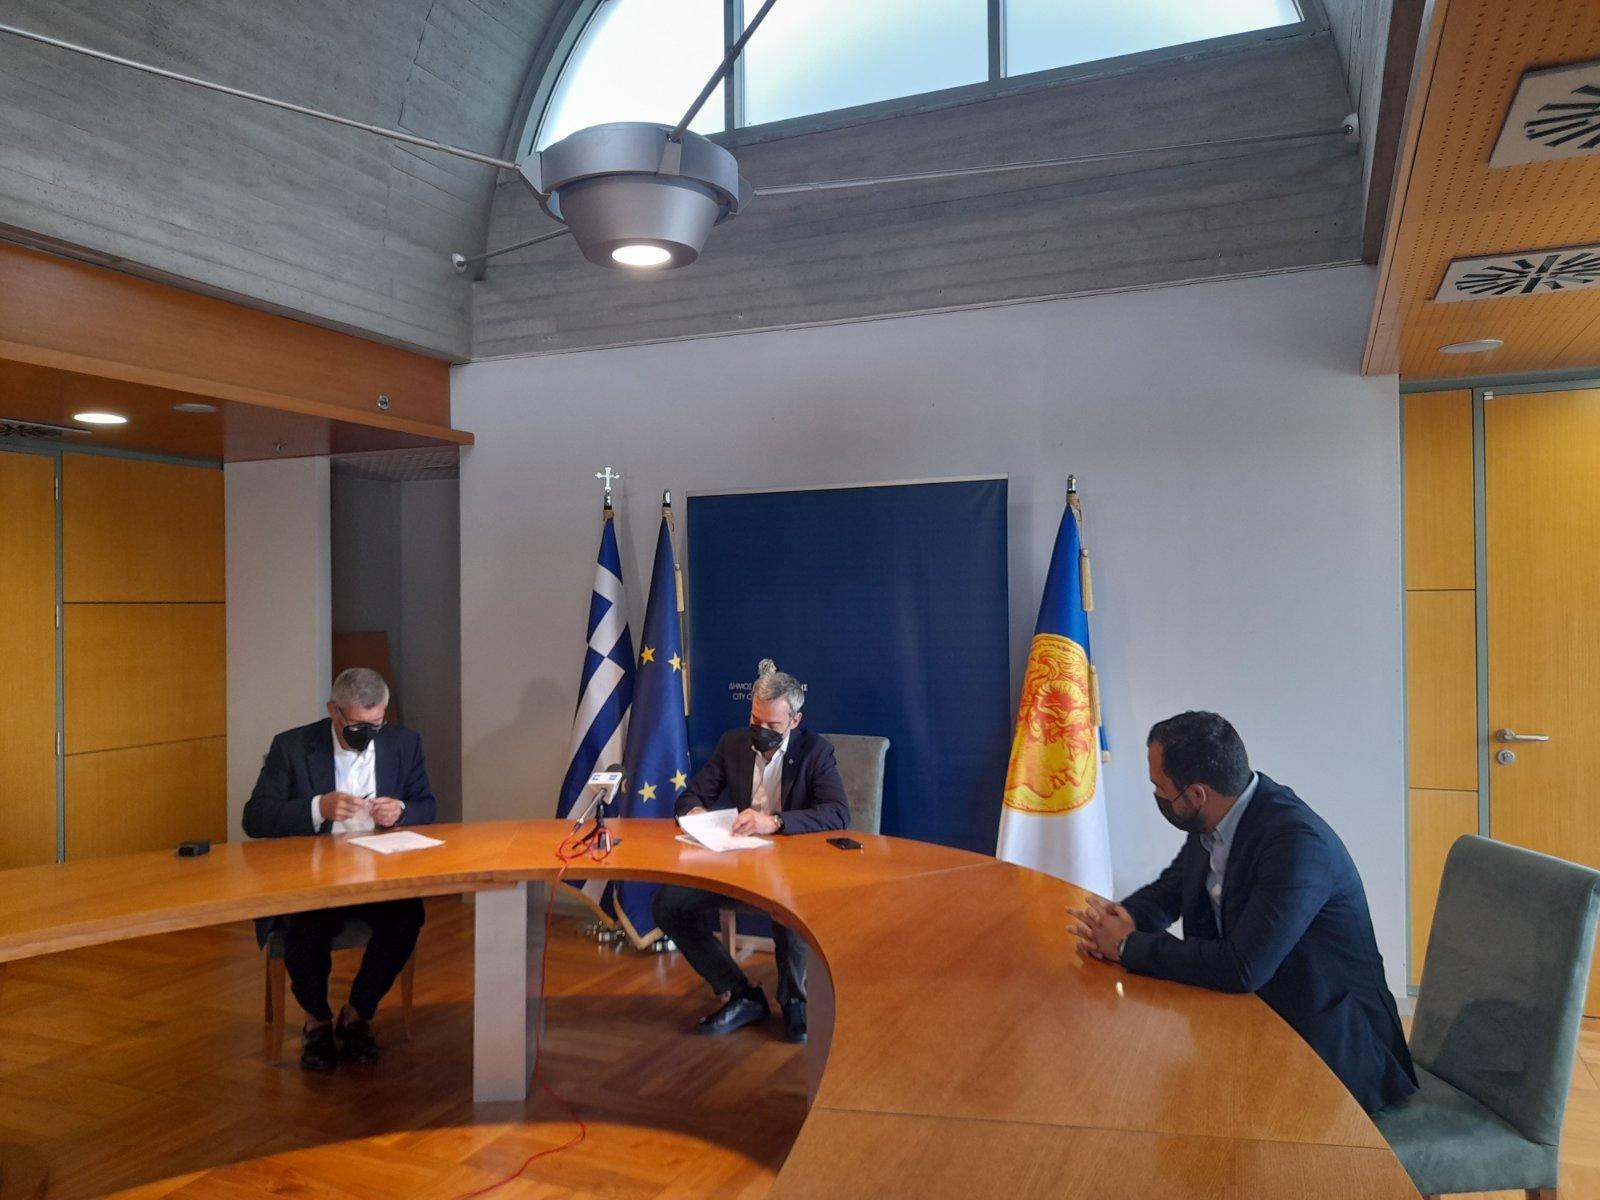 Υπογράφηκε η σύμβαση για το έργο της ενεργειακής αναβάθμισης του σχολικού συγκροτήματος της οδού Κλεάνθους